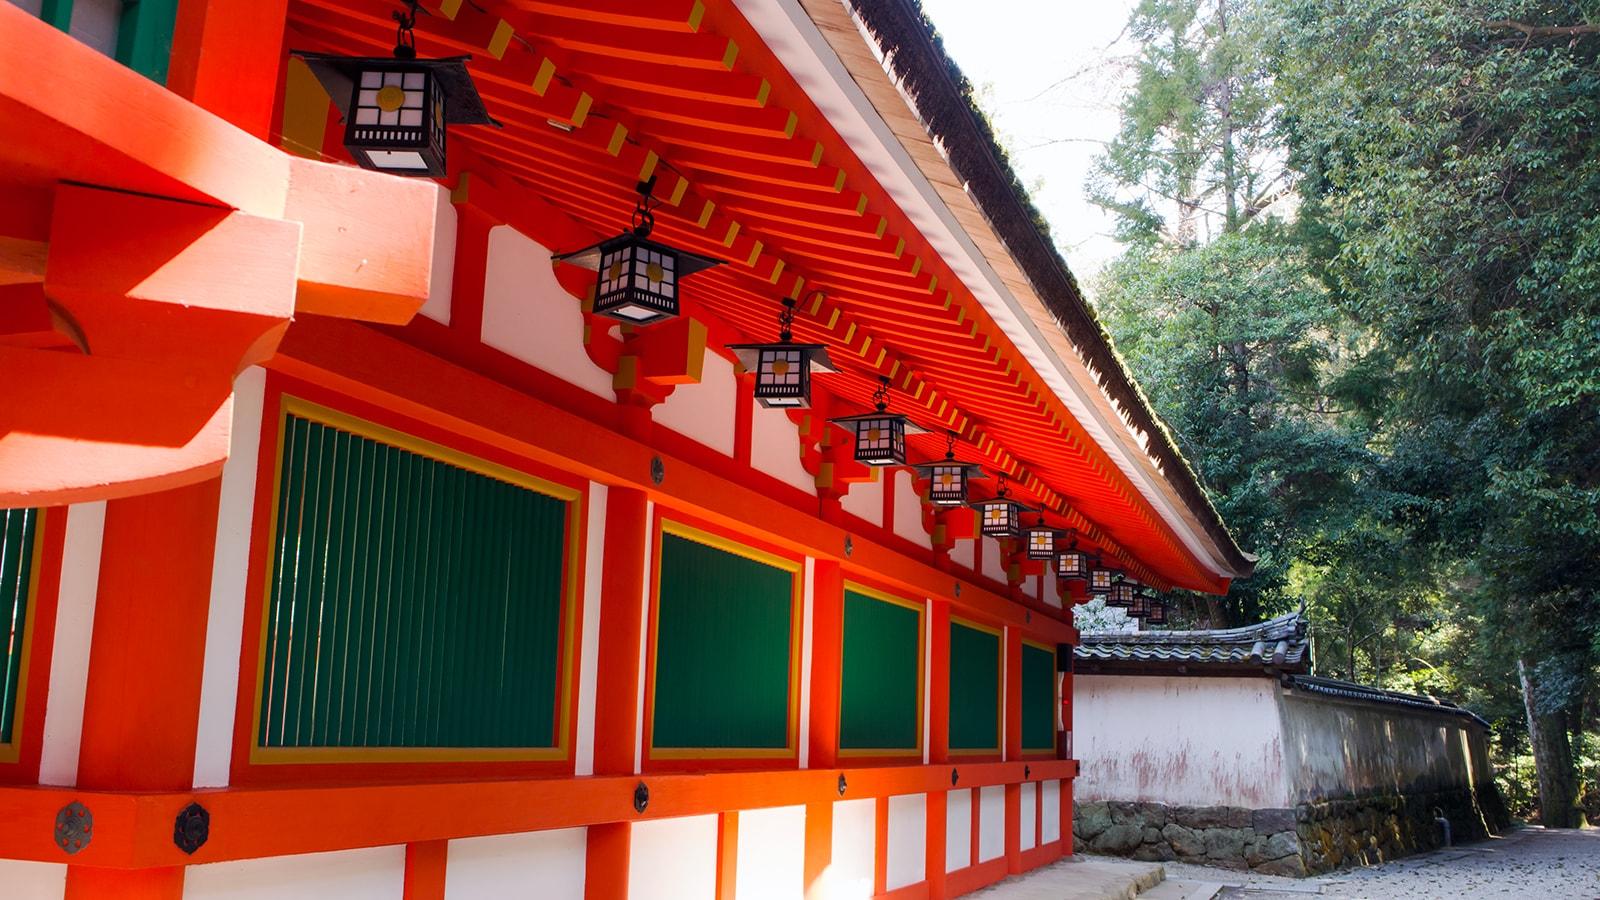 楼門脇につづく色あざやかで美しい回廊:石上神宮 - -奈良県天理市にある観光、撮影スポット- -